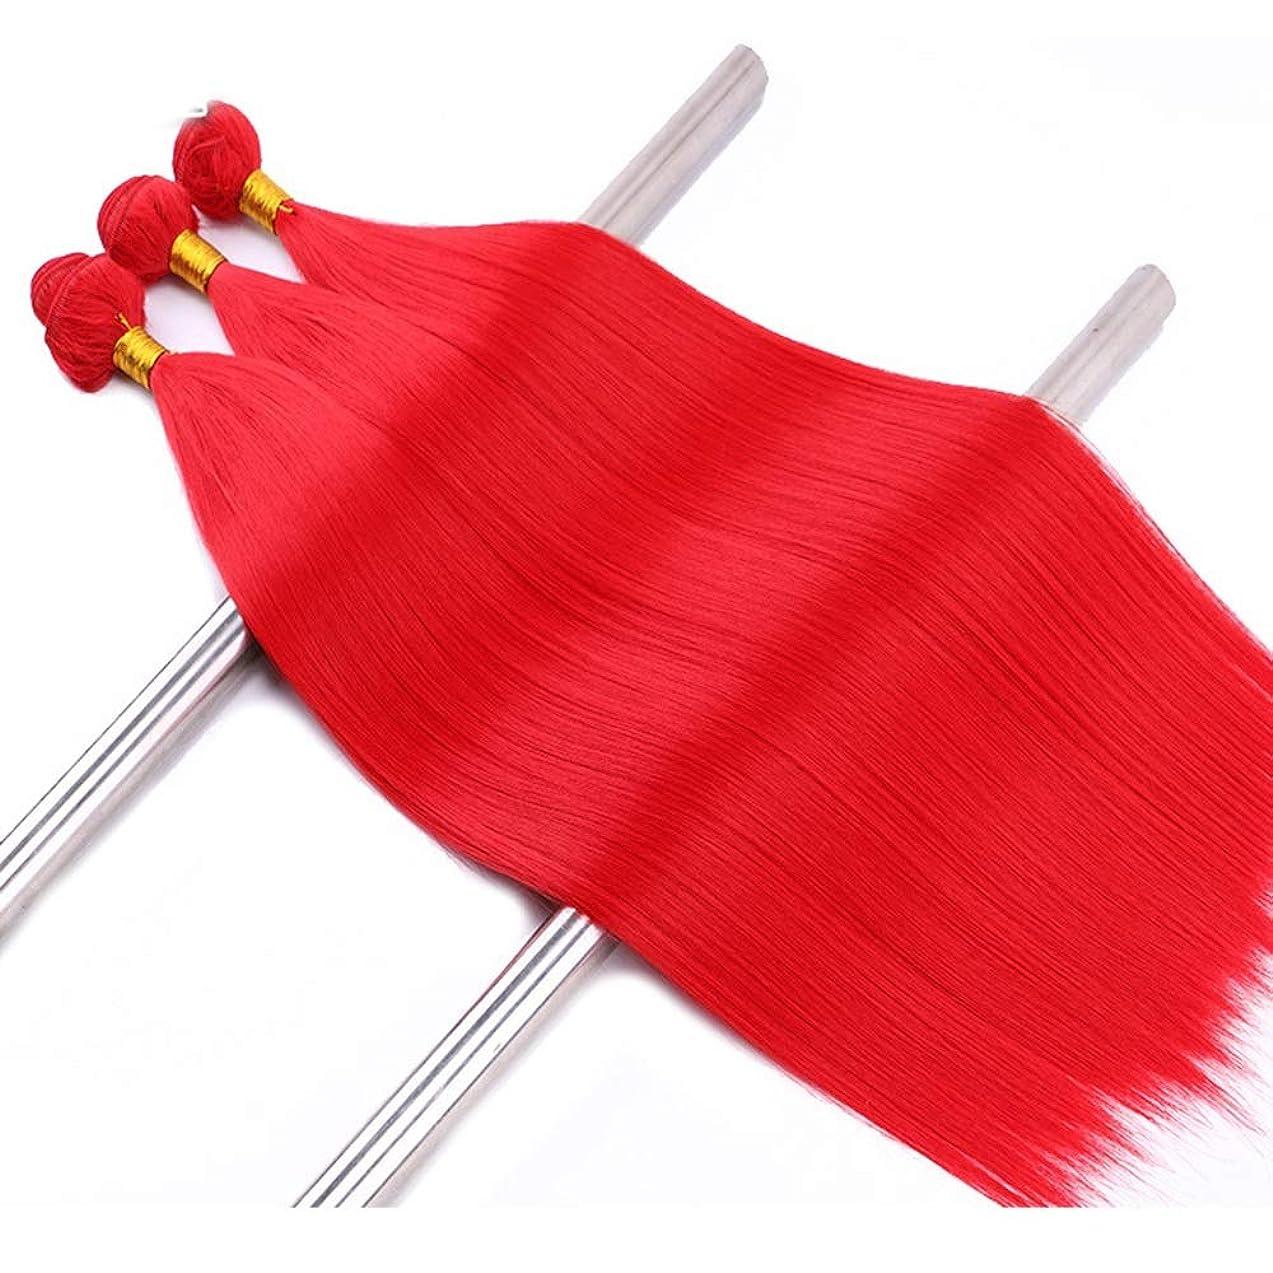 ハロウィン回答マニアHOHYLLYA レディース赤ストレートヘアカーテン耐熱繊維人工毛ウィッグウィッグ(3束)パーティーウィッグ (色 : Blonde, サイズ : 22inch)